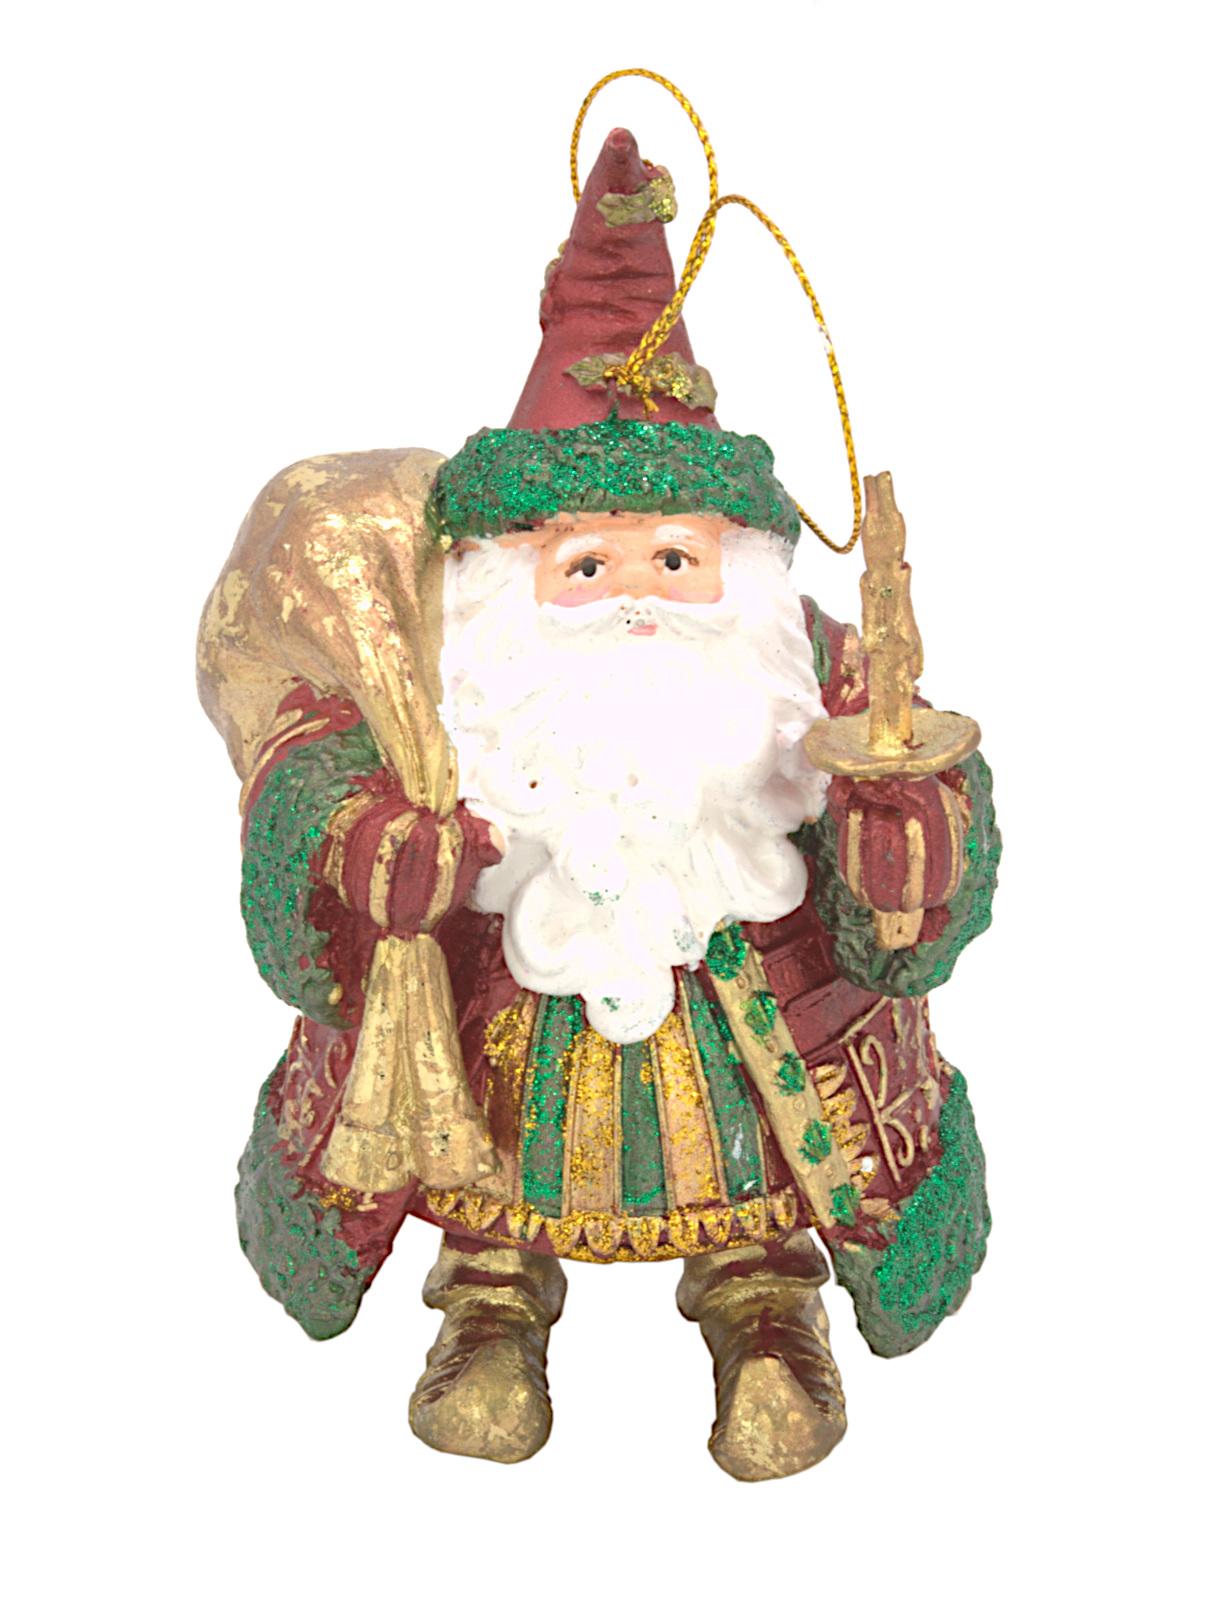 Christbaumschmuck Figur Weihnachtsmann dick mit Geschenken rot-grün 15cm